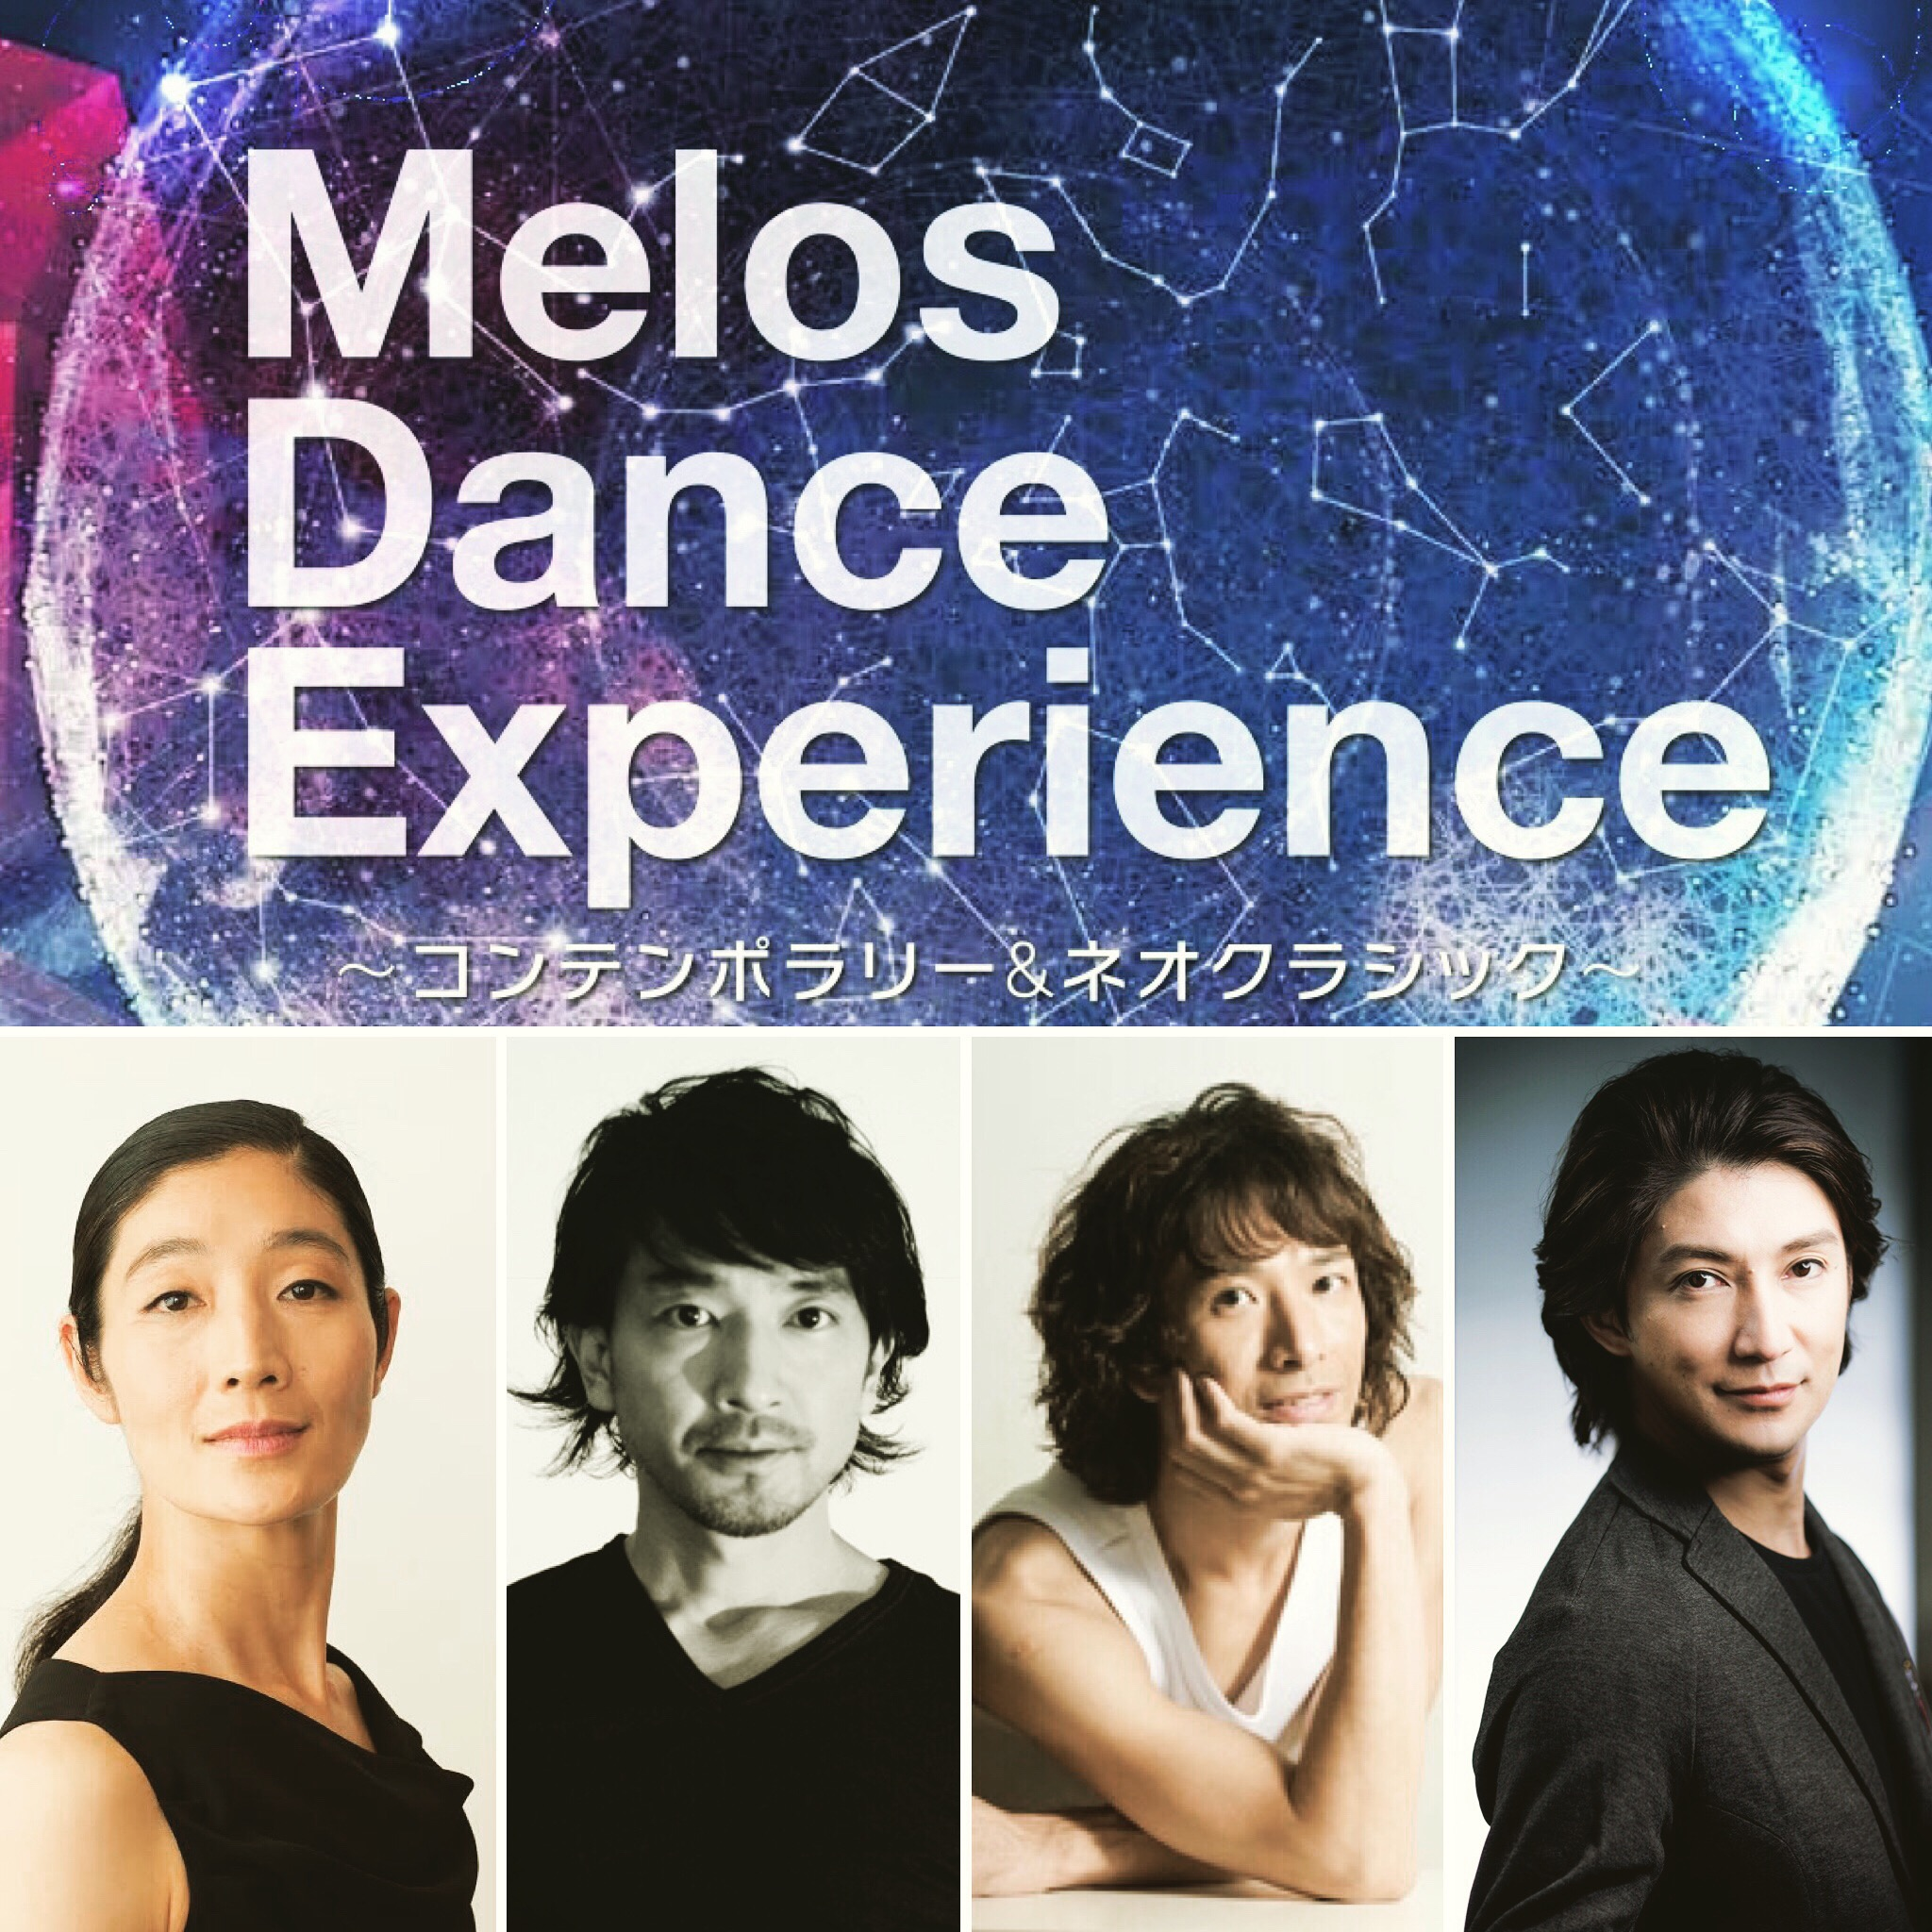 第3回公演 出演ダンサーオディションの応募期間終了のお知らせ